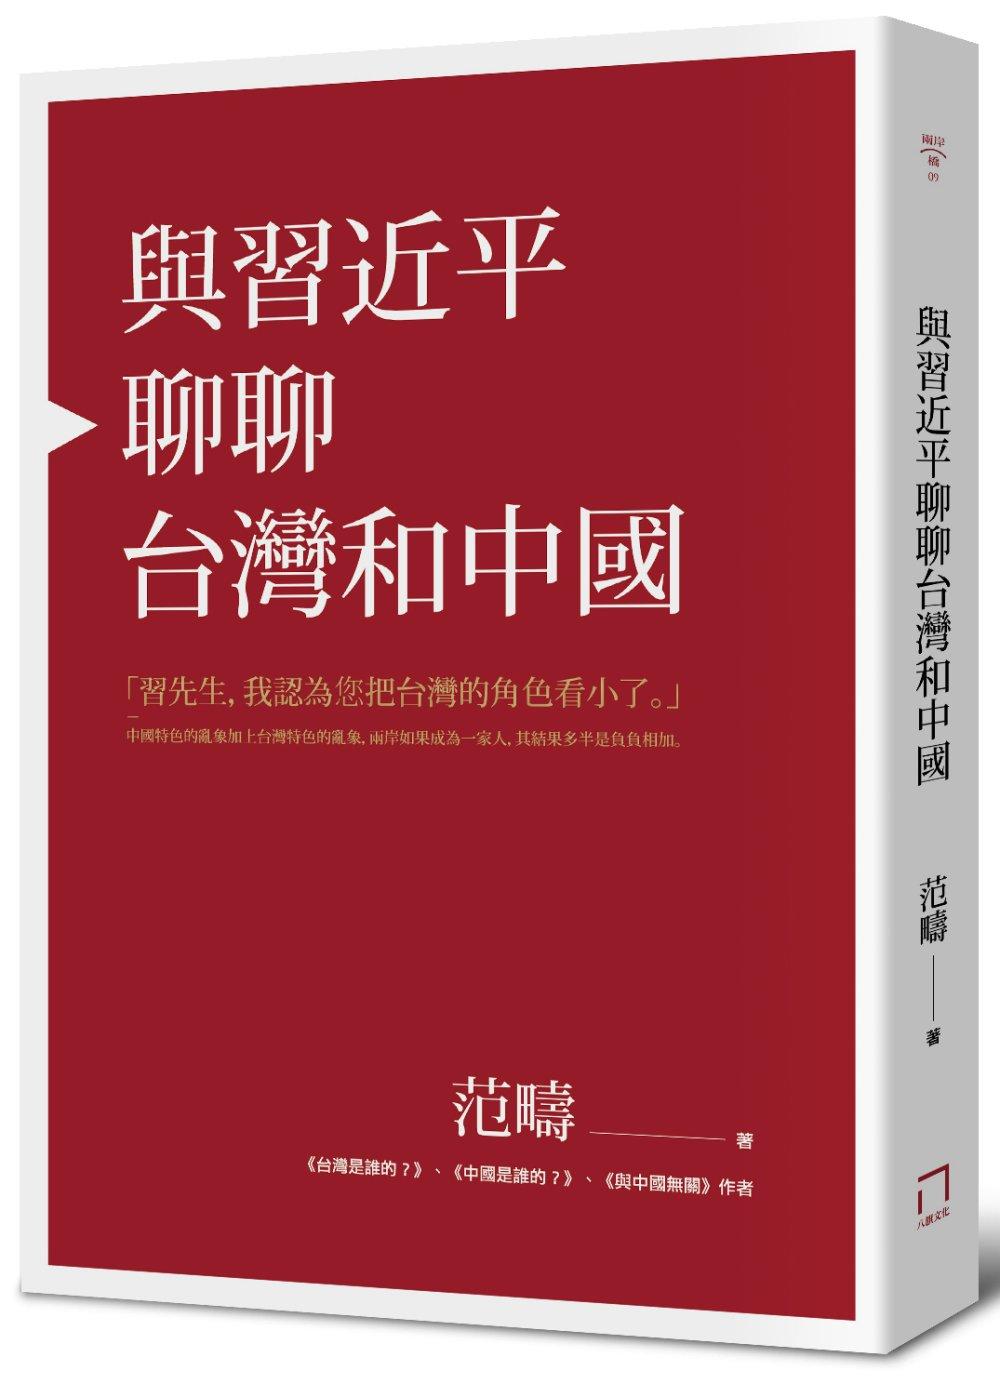 與習近平聊聊台灣和中國(平裝版)